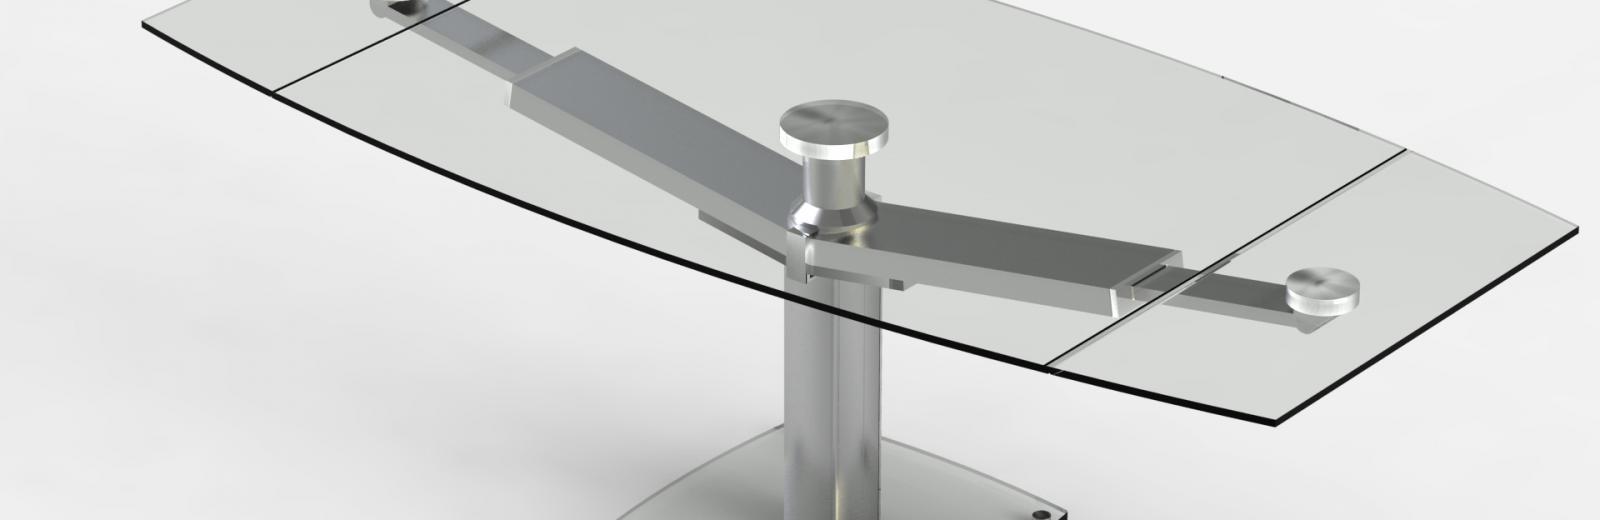 Table repas design en verre trempé avec rallonges CLUB EDA CONCEPT